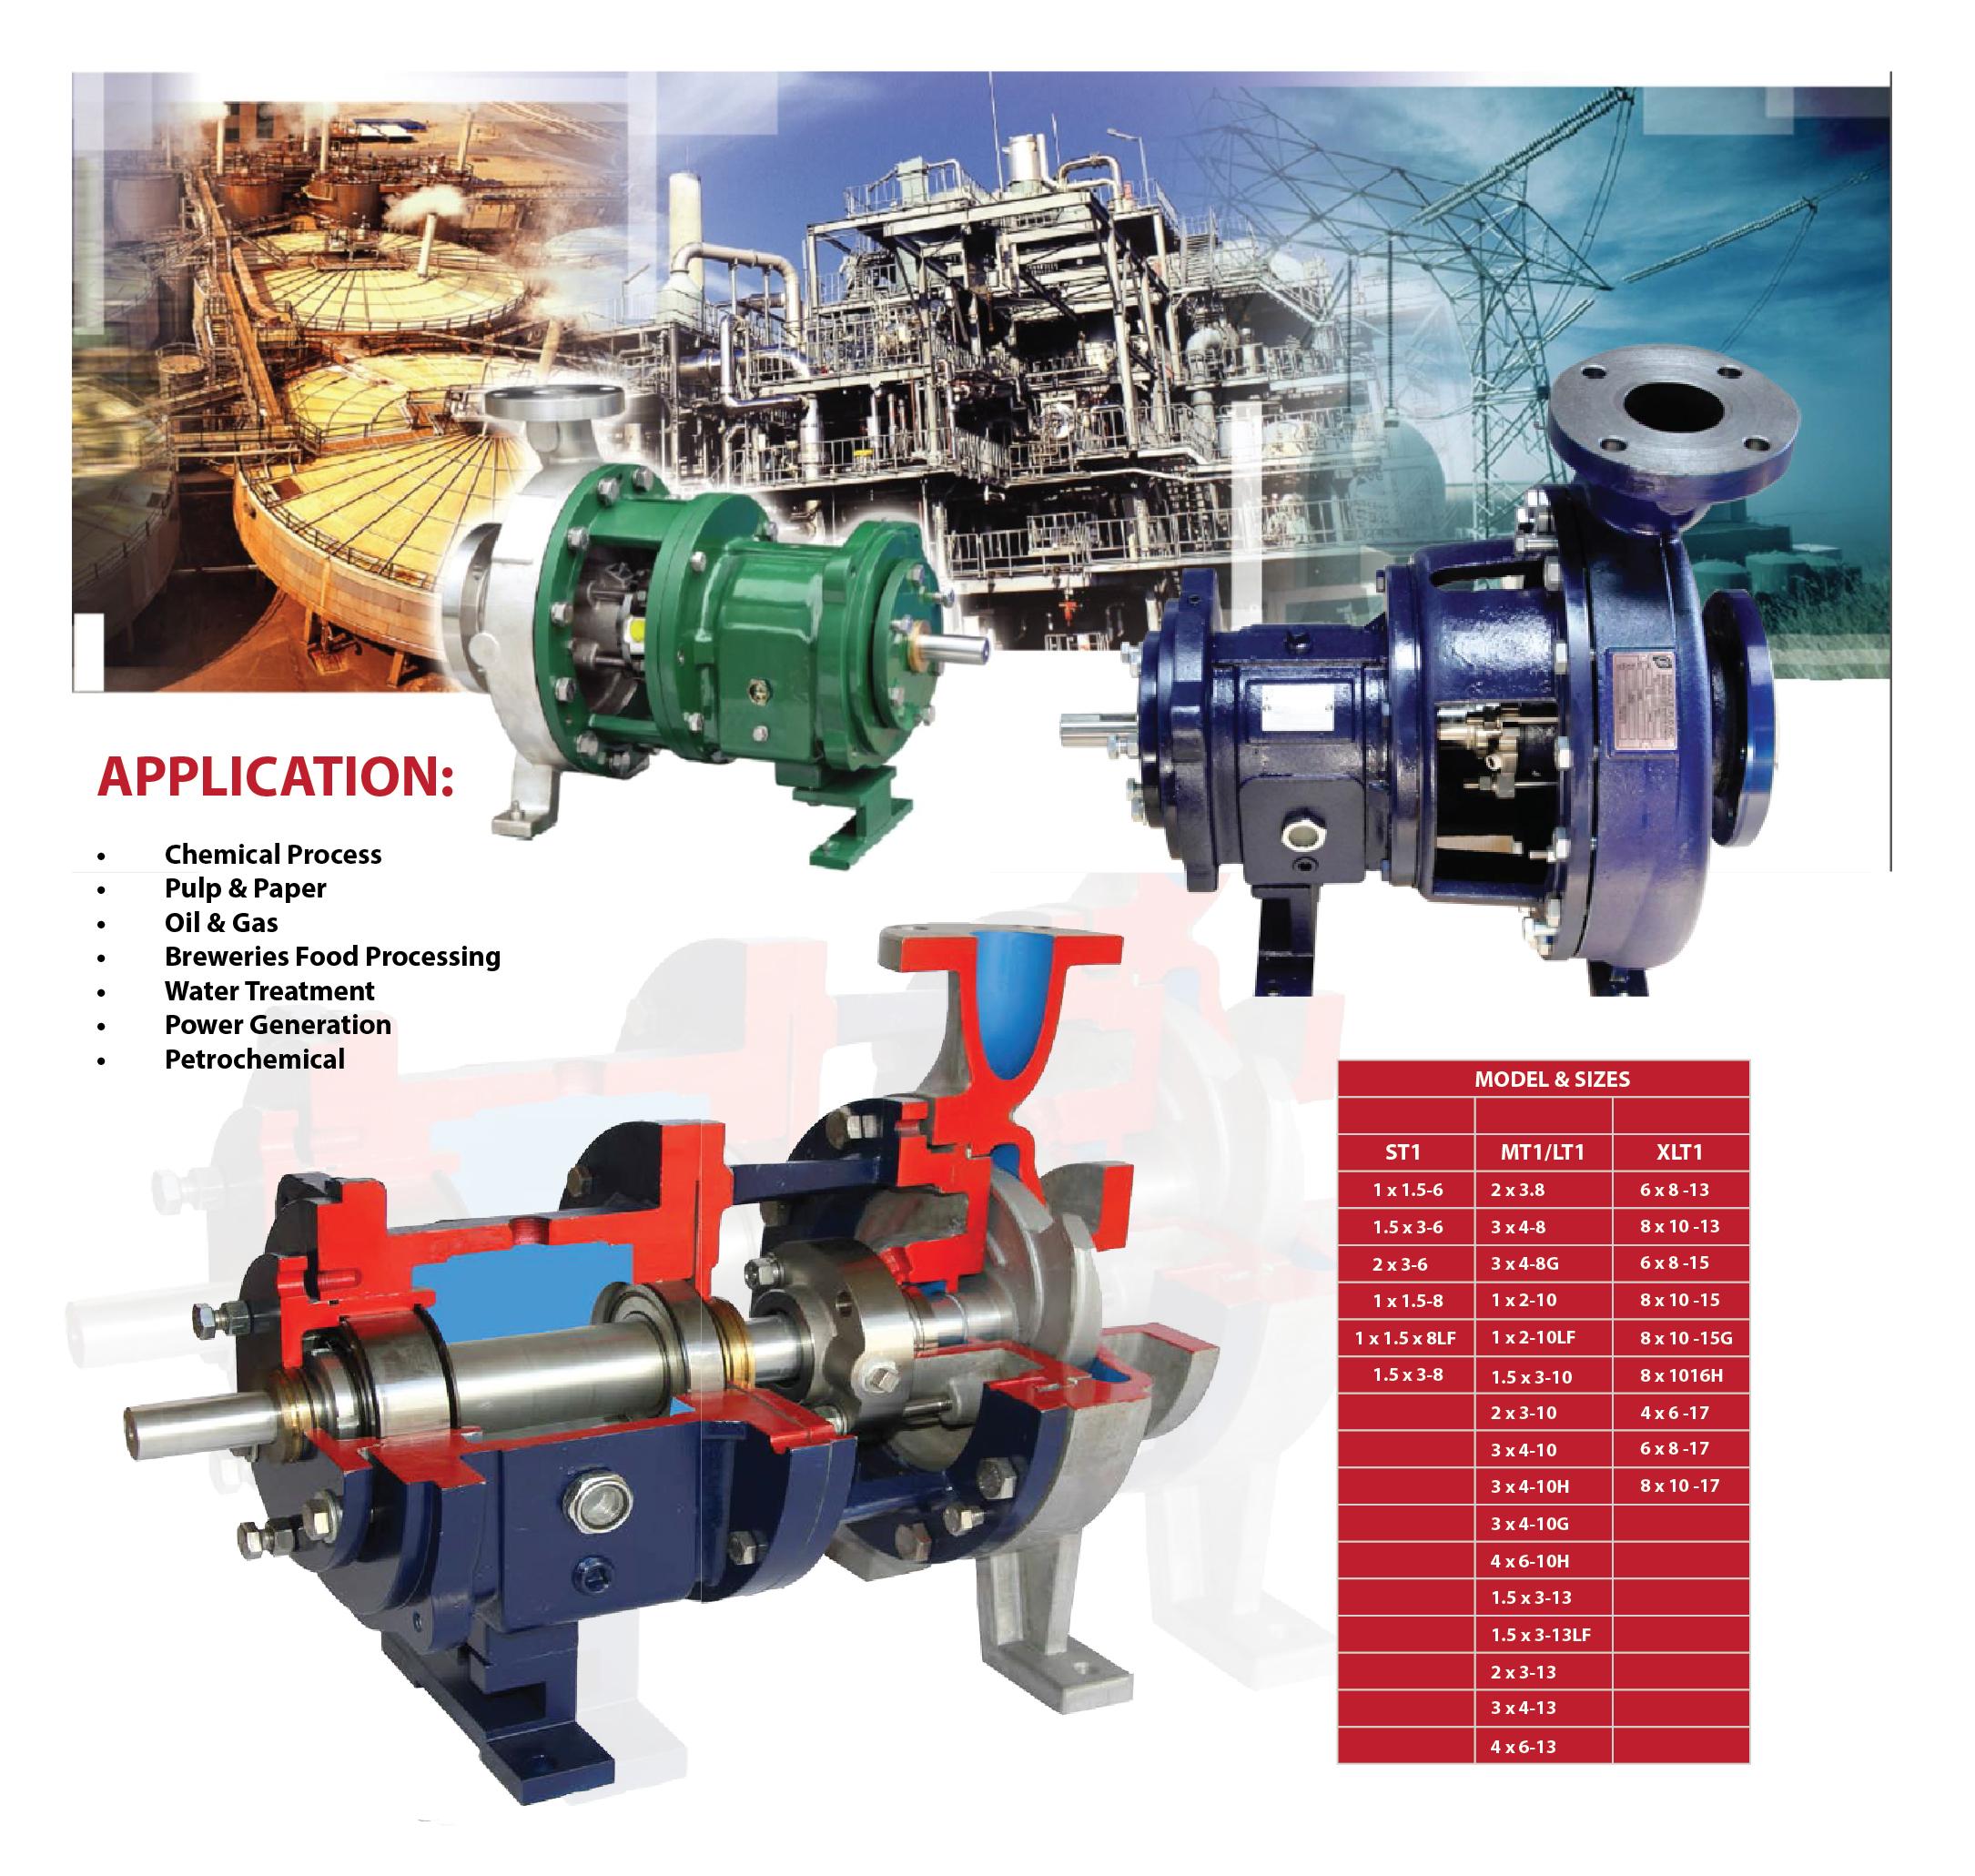 ANSI Pump-01-01-01.jpg